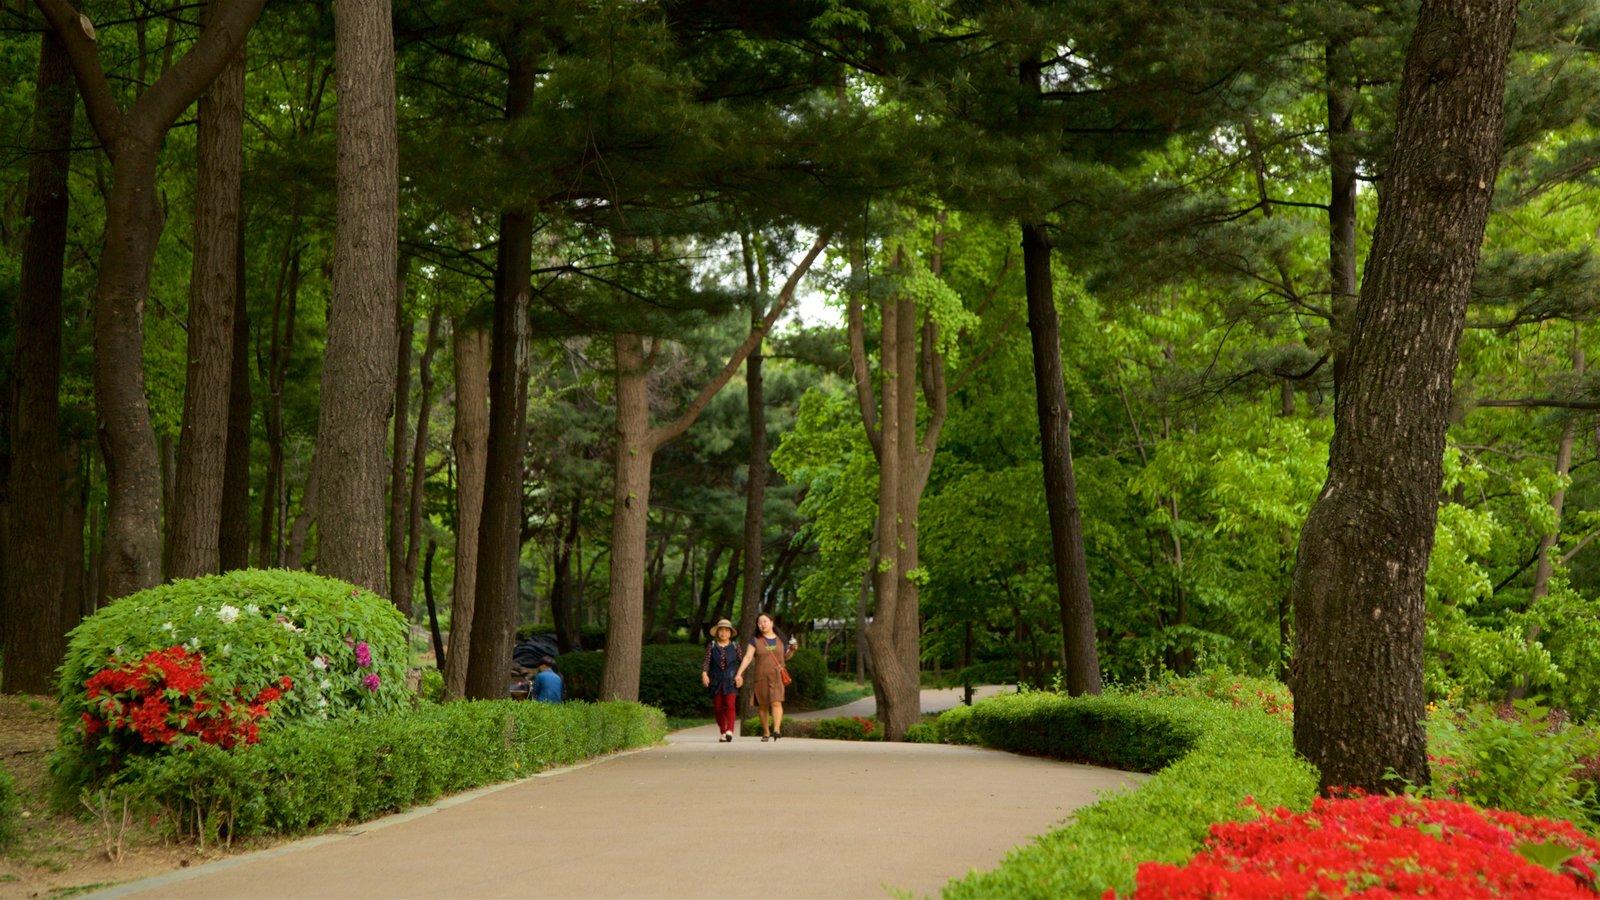 Jardín Botánico de Namsan mostrando un jardín y flores silvestres y también una pareja